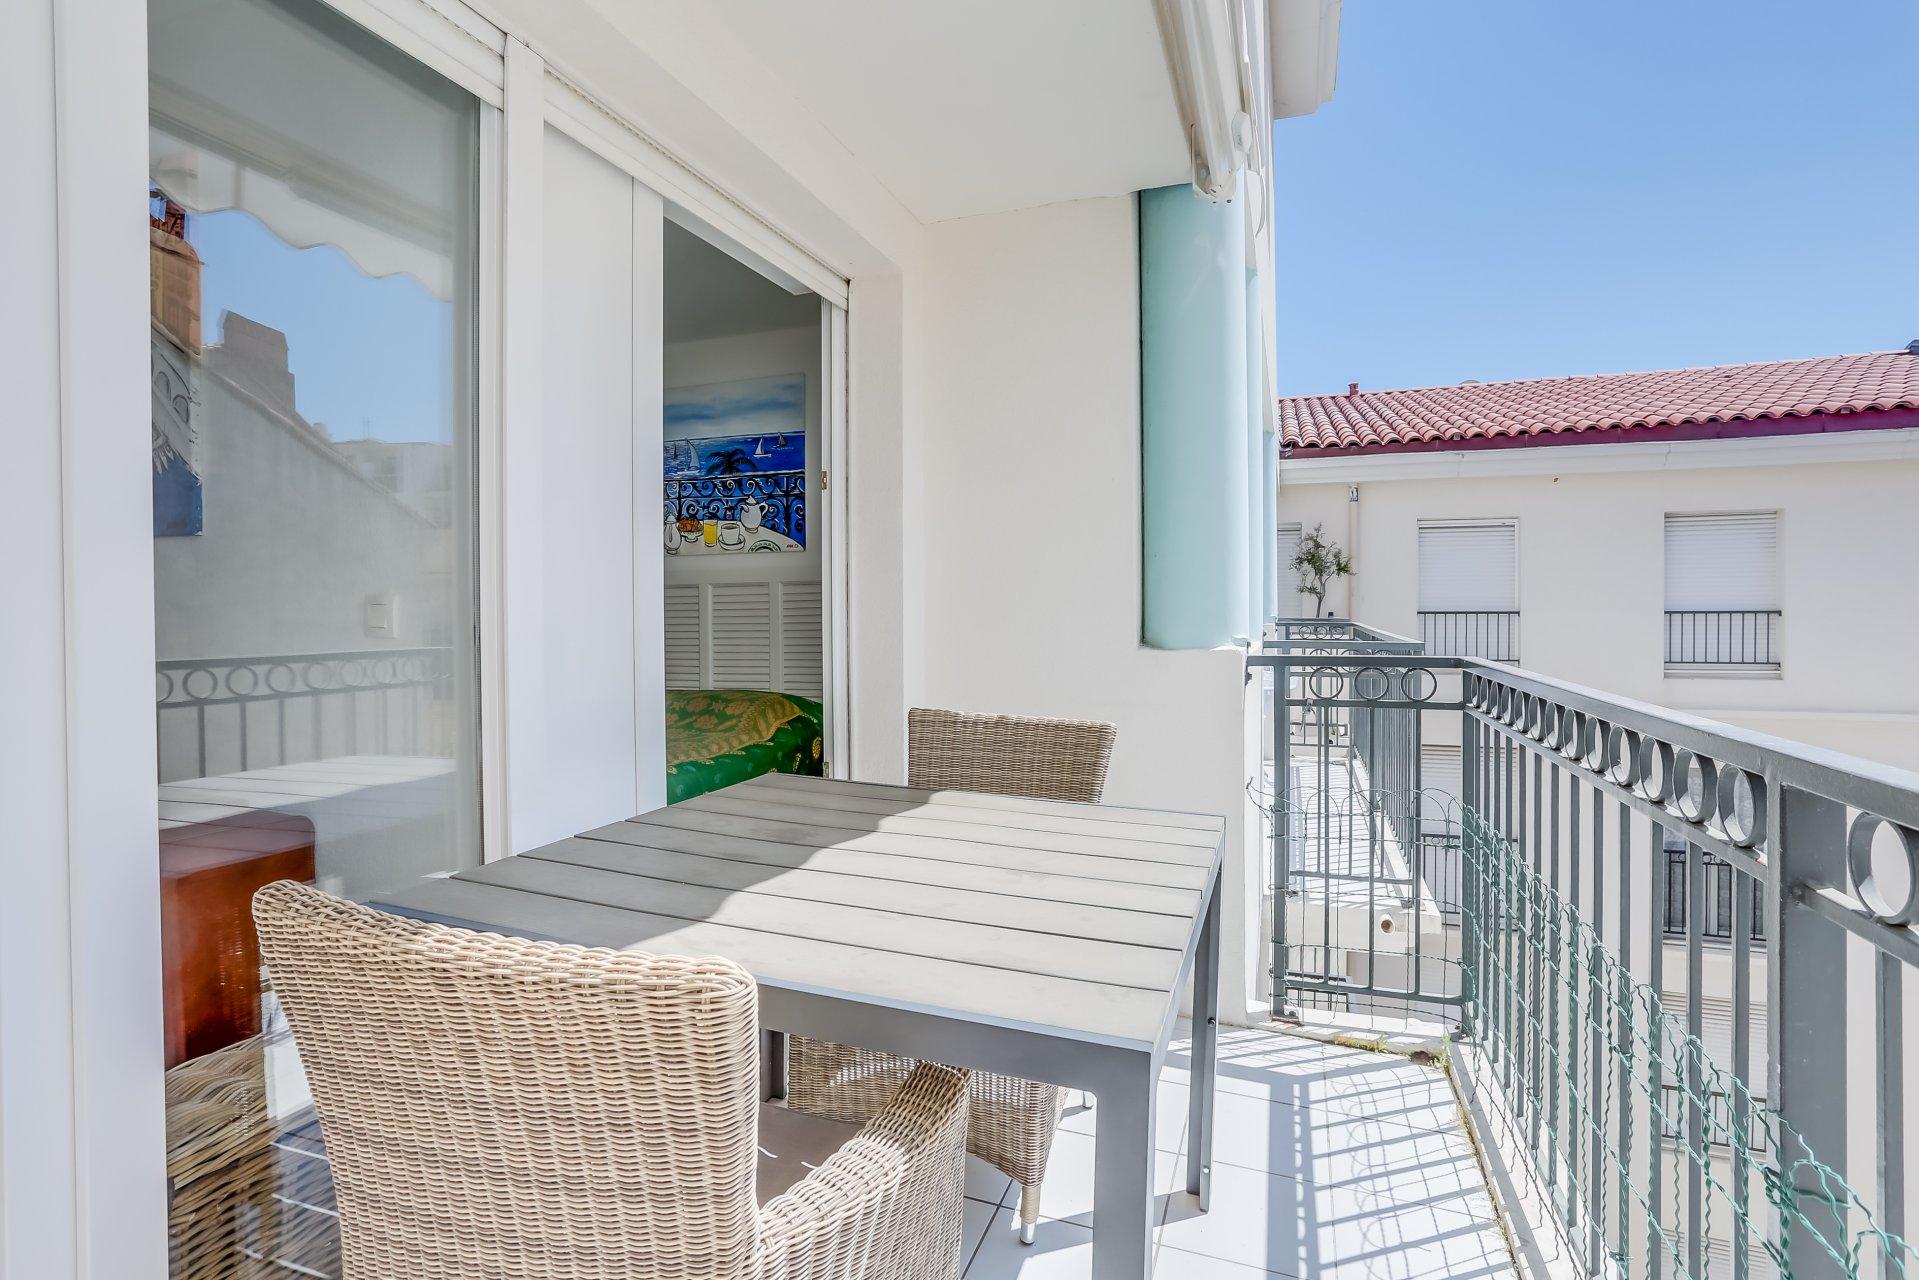 CANNES - Leilighet med balkong, bod og garasje et stenkast fra stranden og sentrum.